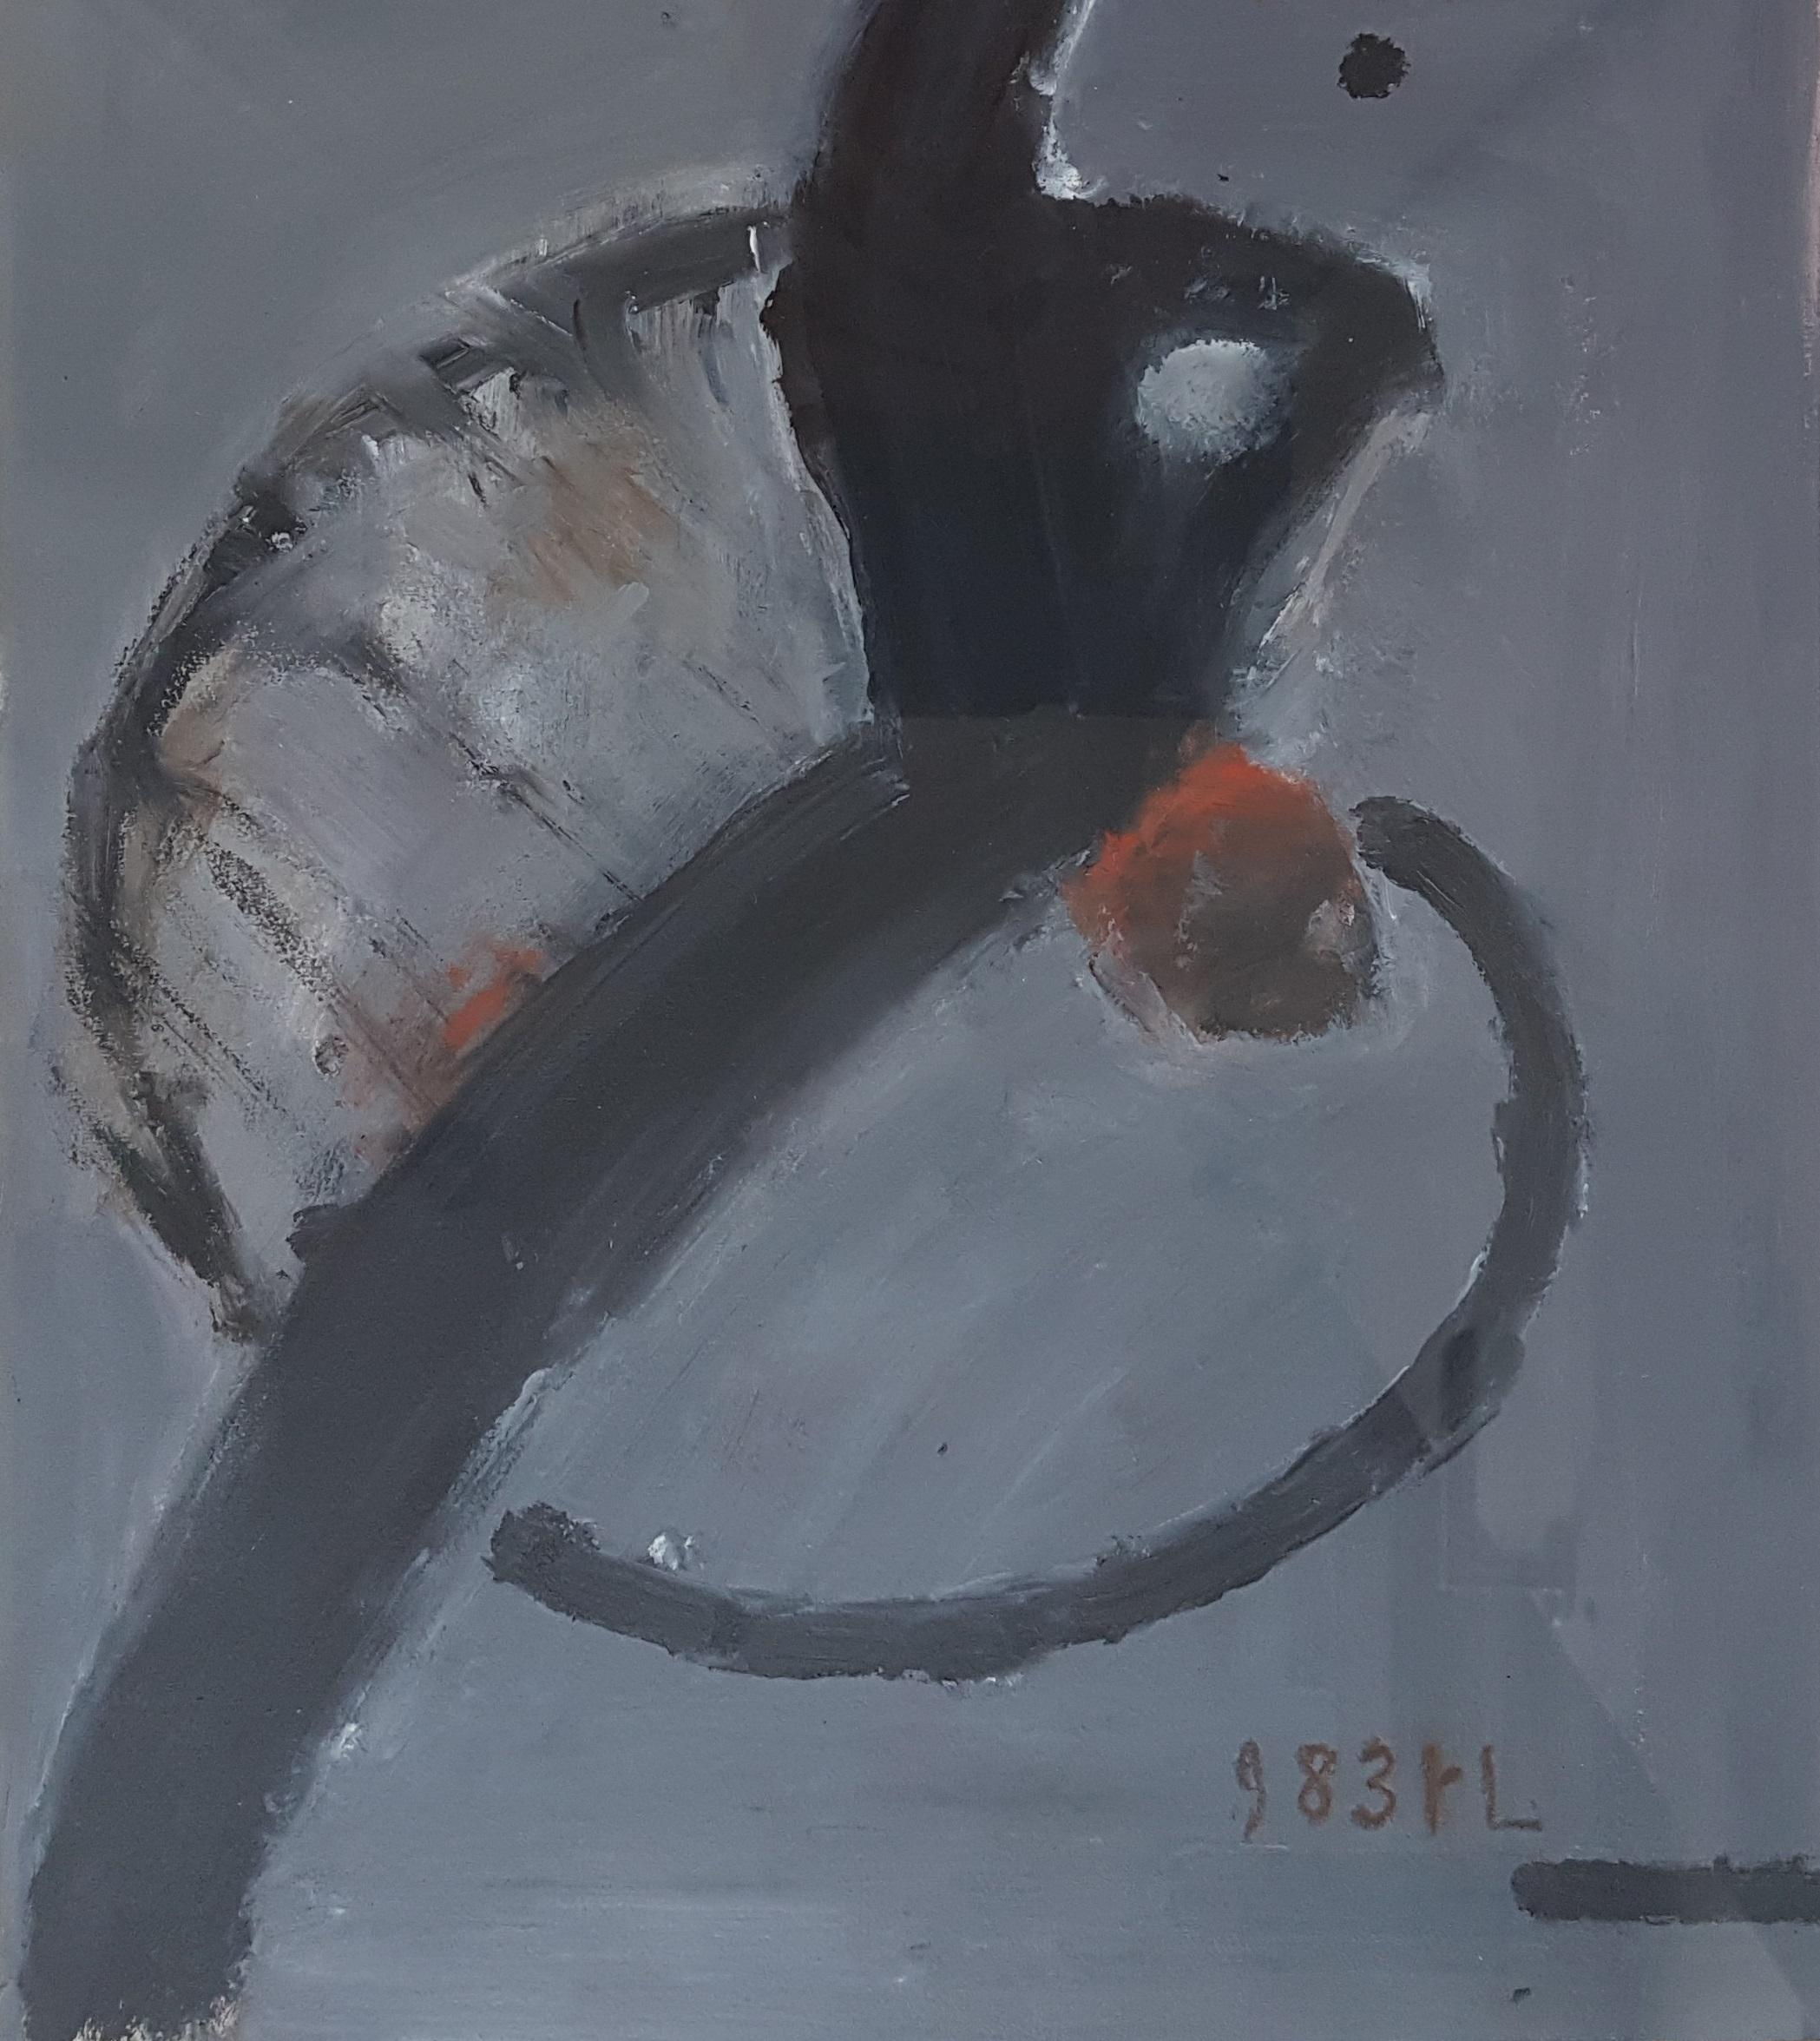 Point (1983)